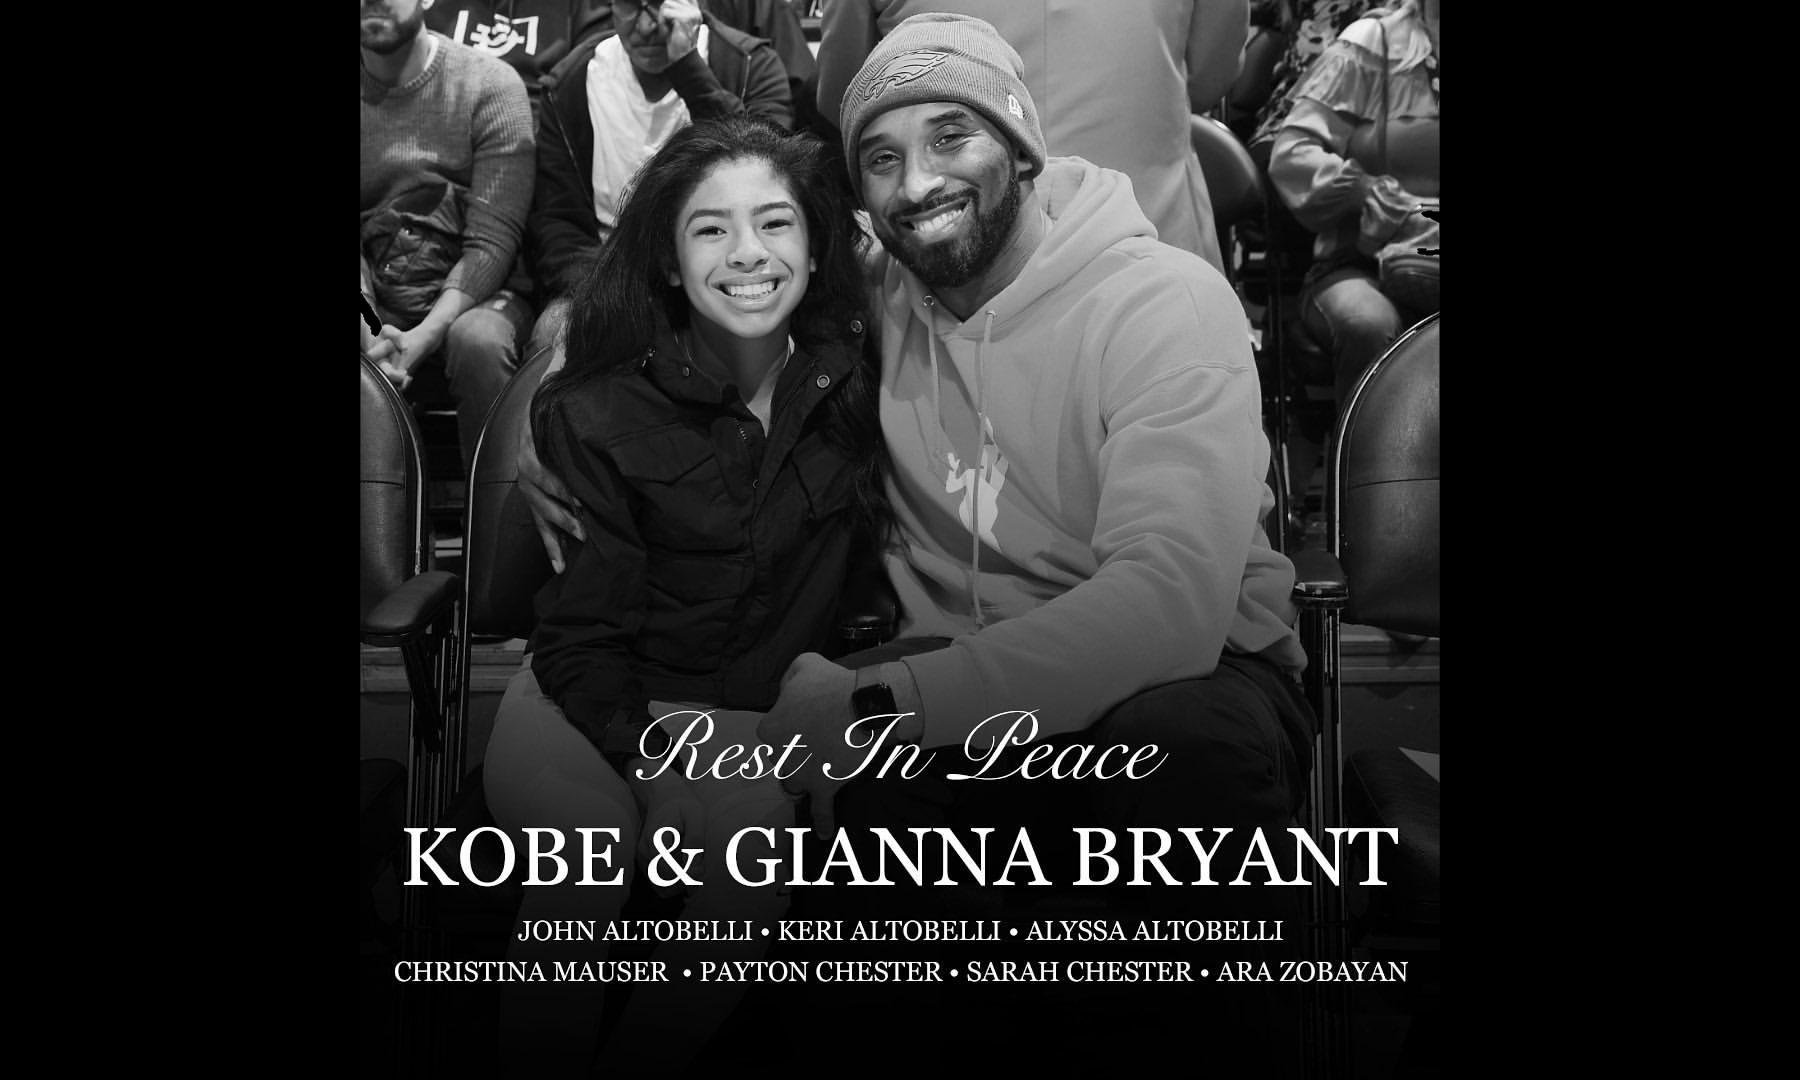 Dear Kobe...